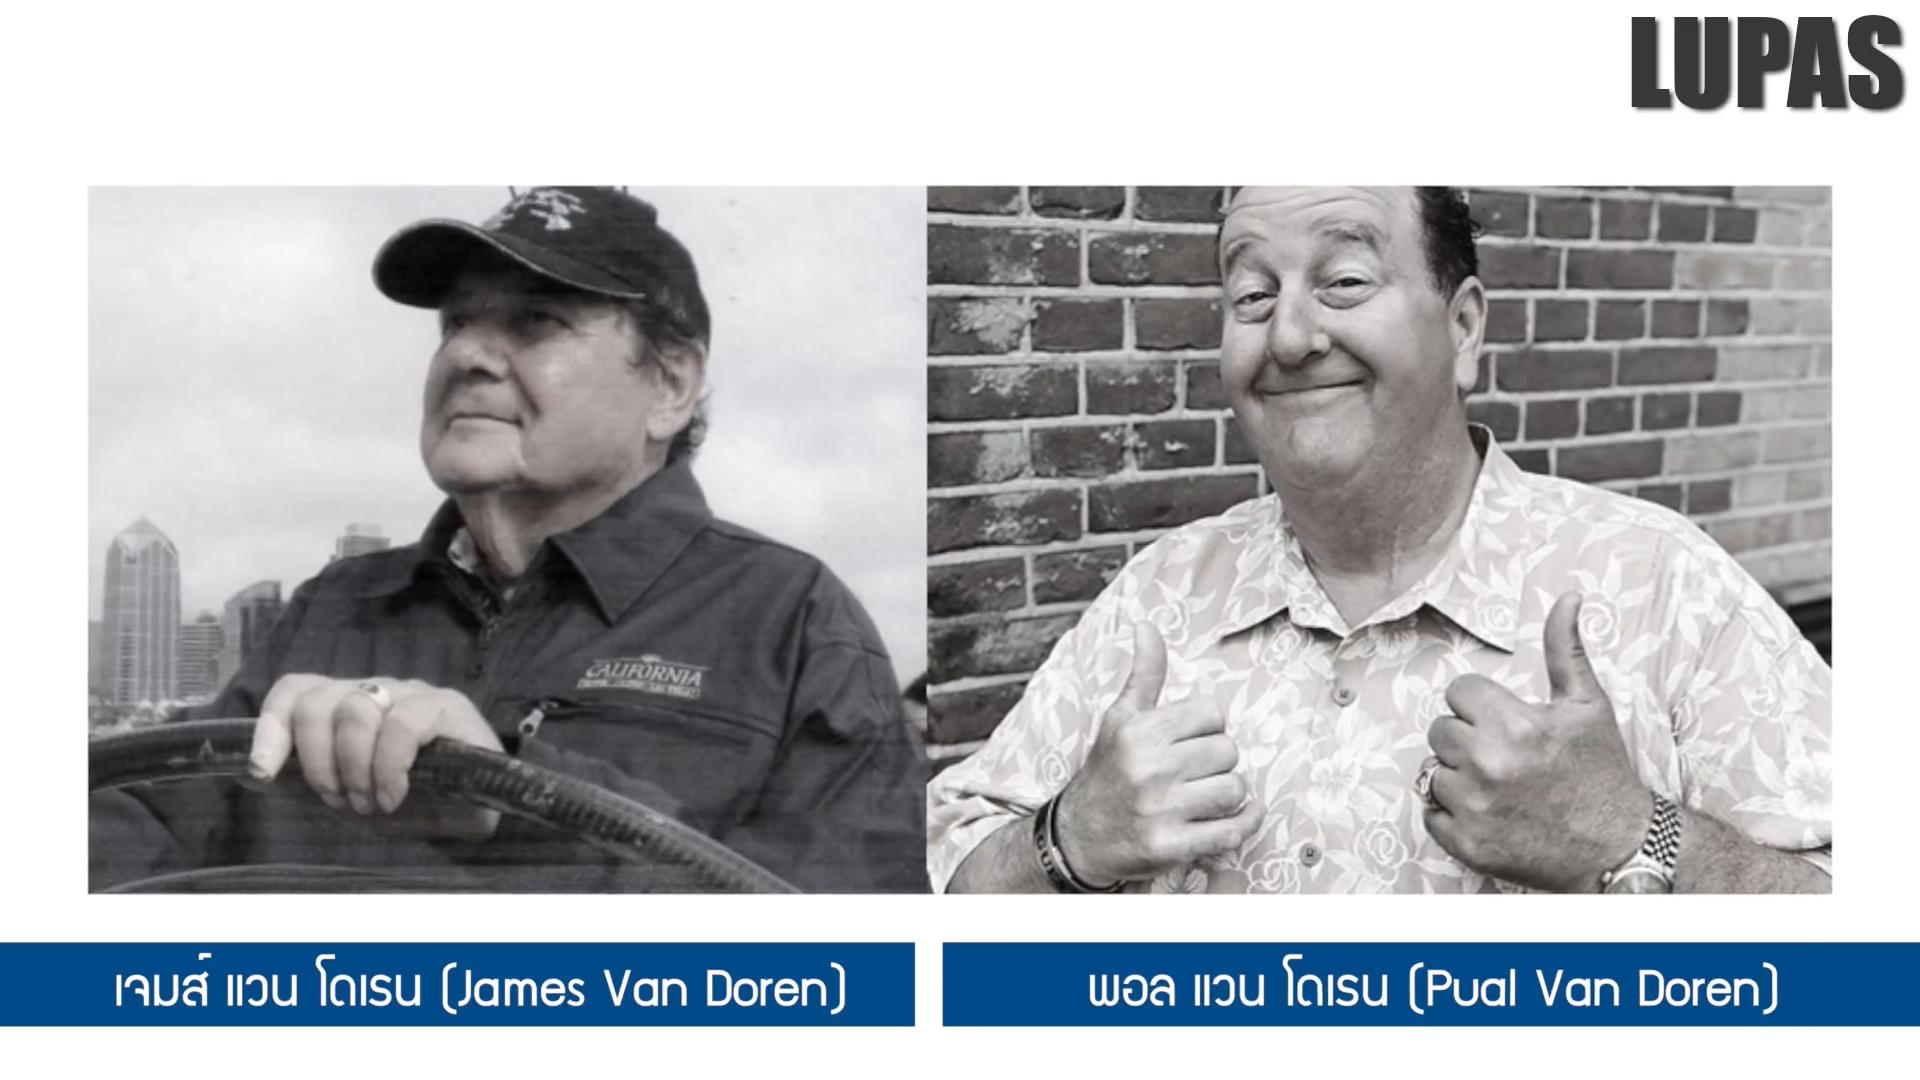 พอล แวน โดเรน (Pual Van Doren) เจมส์ แวน โดเรน (Janes Van Doren)